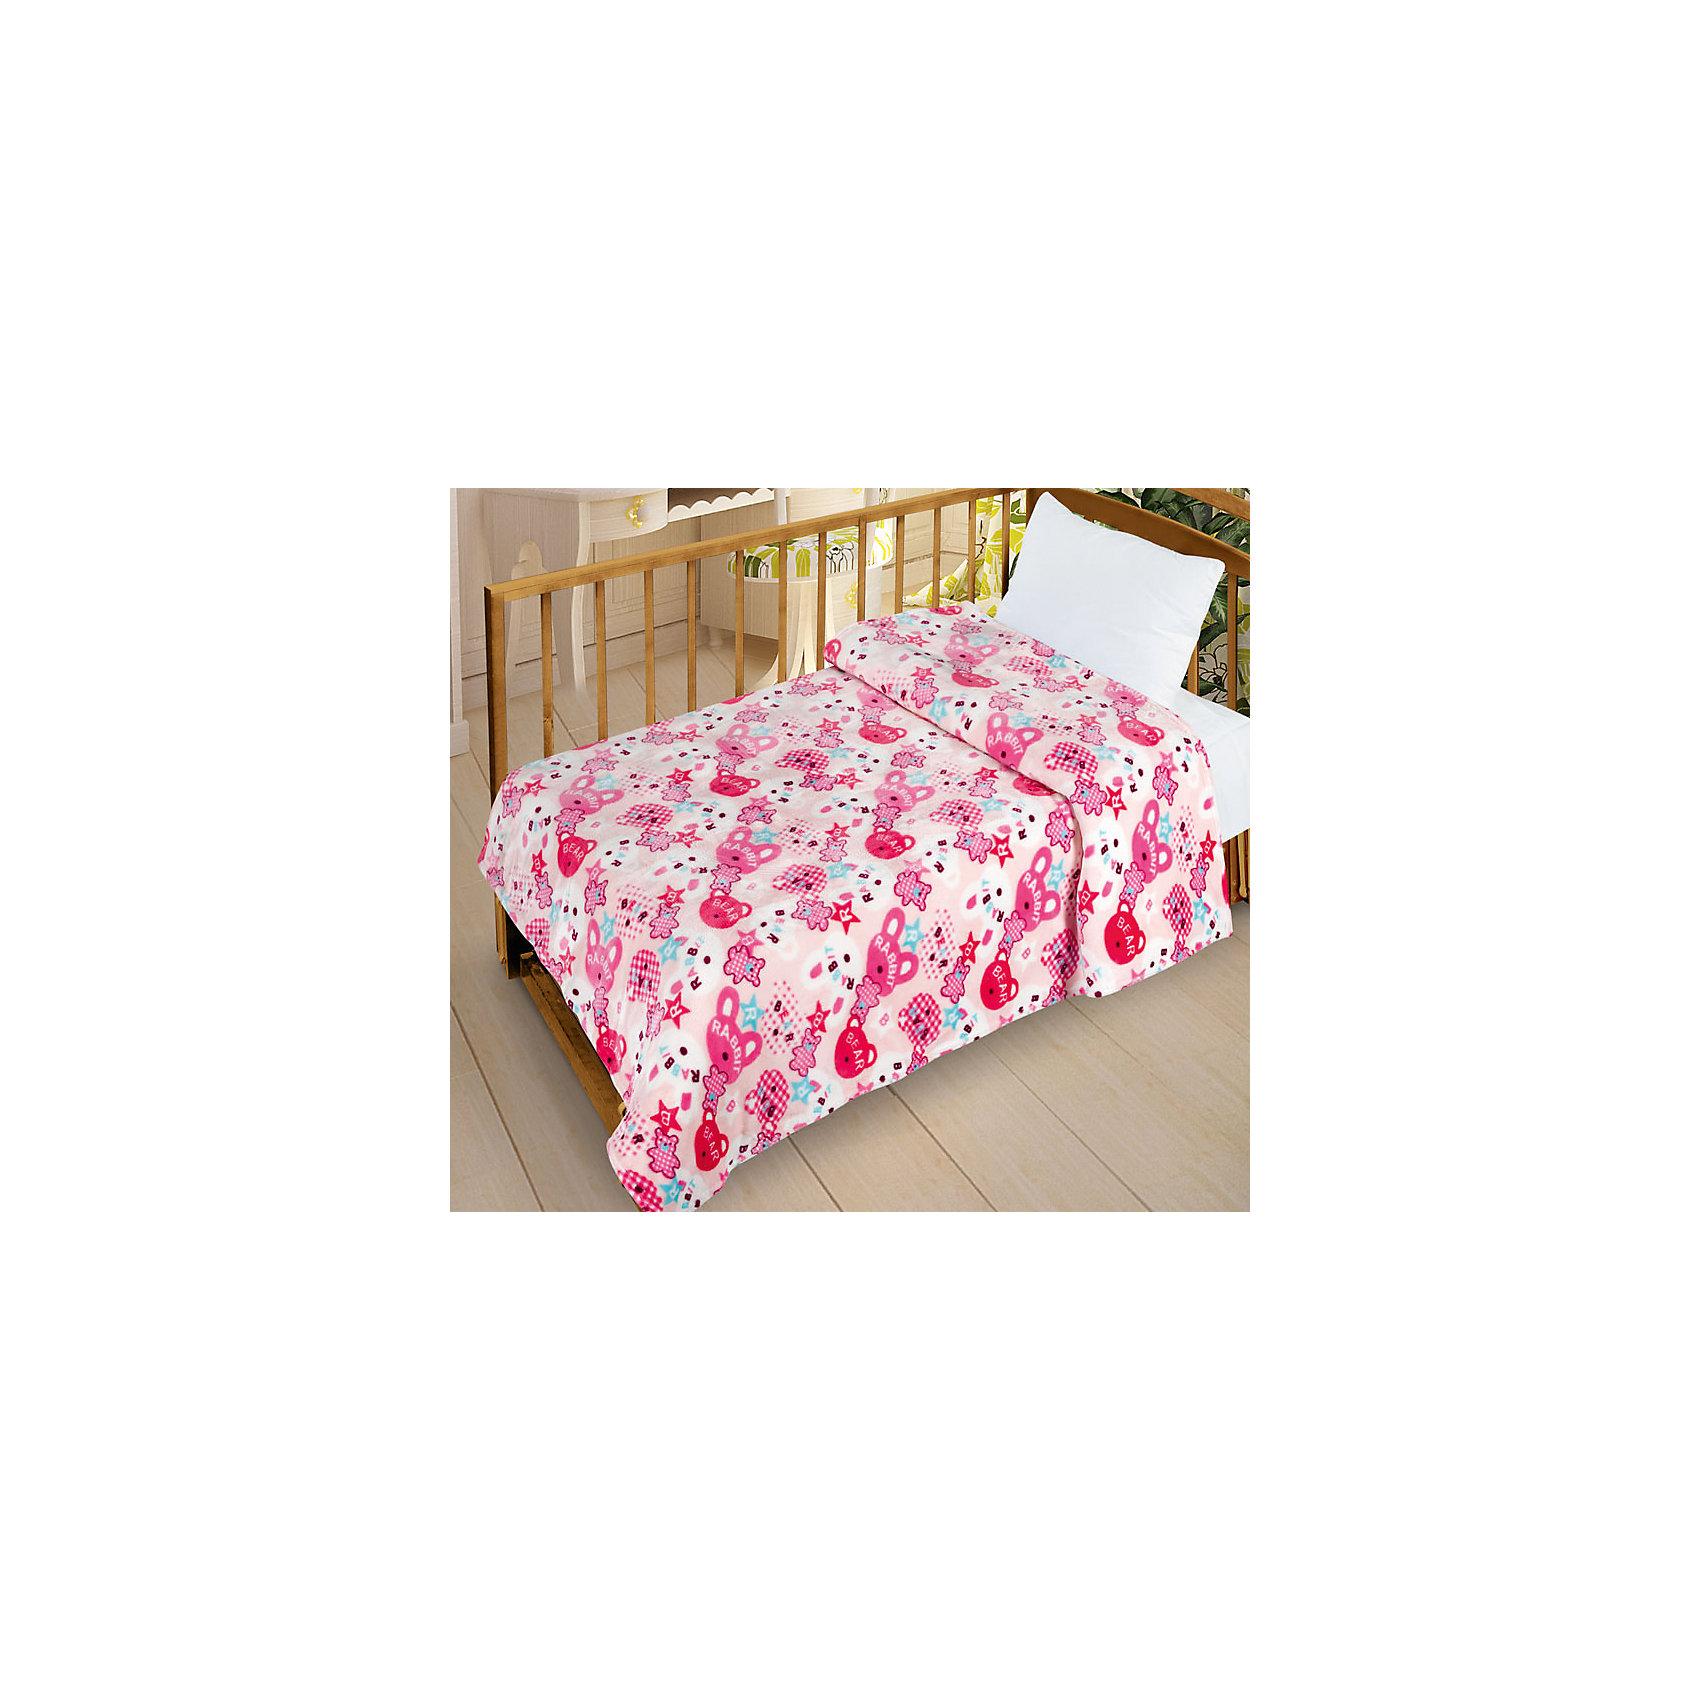 Плед  Велсофт-беби в кроватку VB08, 95х130Нежнейший плед в детскую кроватку выполнен из современного материала Велсофт -  ткань напоминает на ощупь плюшевую игрушку. Материал гипоаллергенен, плед легкий и в то же время теплый. Приятна расцветка пледа создаст в детской комнате уют и приятную атмосферу. <br><br>Дополнительная информация:<br><br>Размер: 95*130 см<br><br>Плед  Велсофт-беби в кроватку VB08, 95х130 можно купить в нашем магазине.<br><br>Ширина мм: 400<br>Глубина мм: 100<br>Высота мм: 500<br>Вес г: 800<br>Возраст от месяцев: 0<br>Возраст до месяцев: 36<br>Пол: Унисекс<br>Возраст: Детский<br>SKU: 4647770